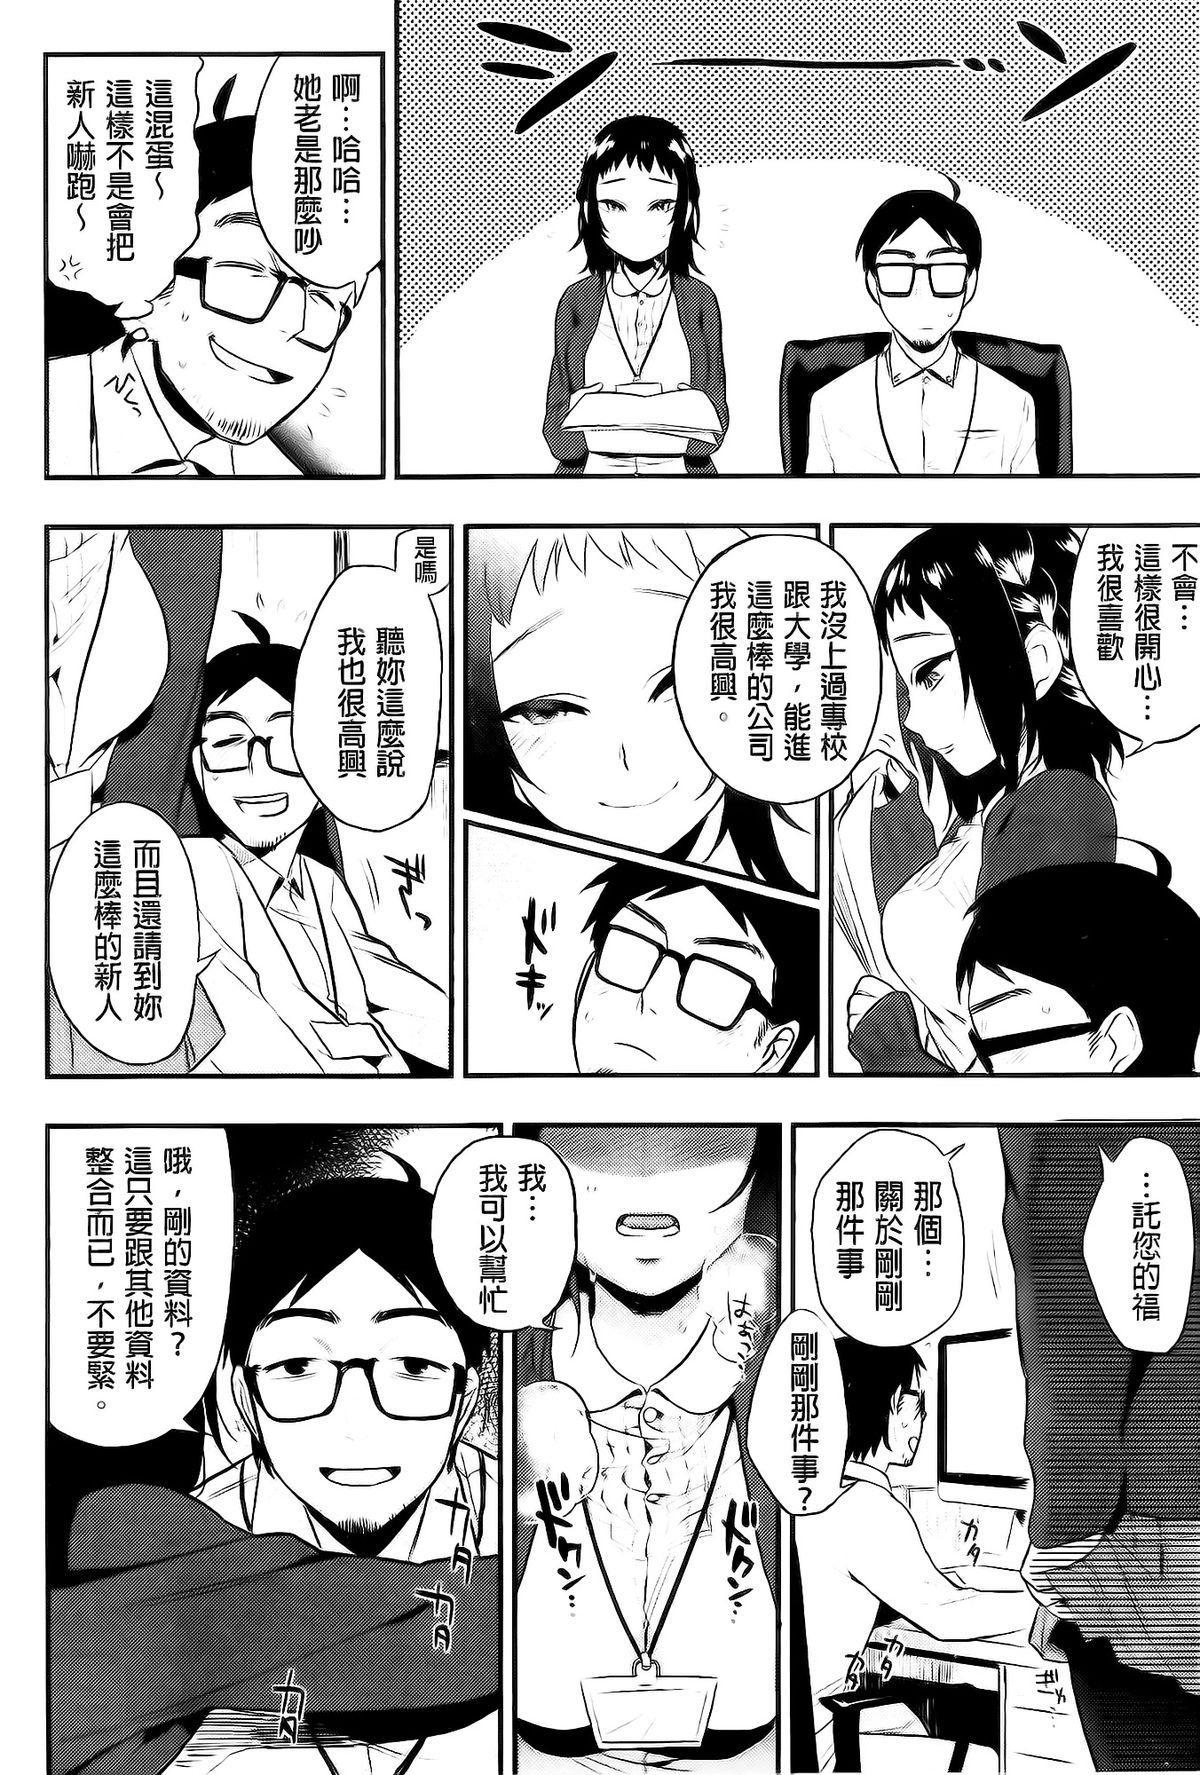 Boku Dake no Yuuyami 111